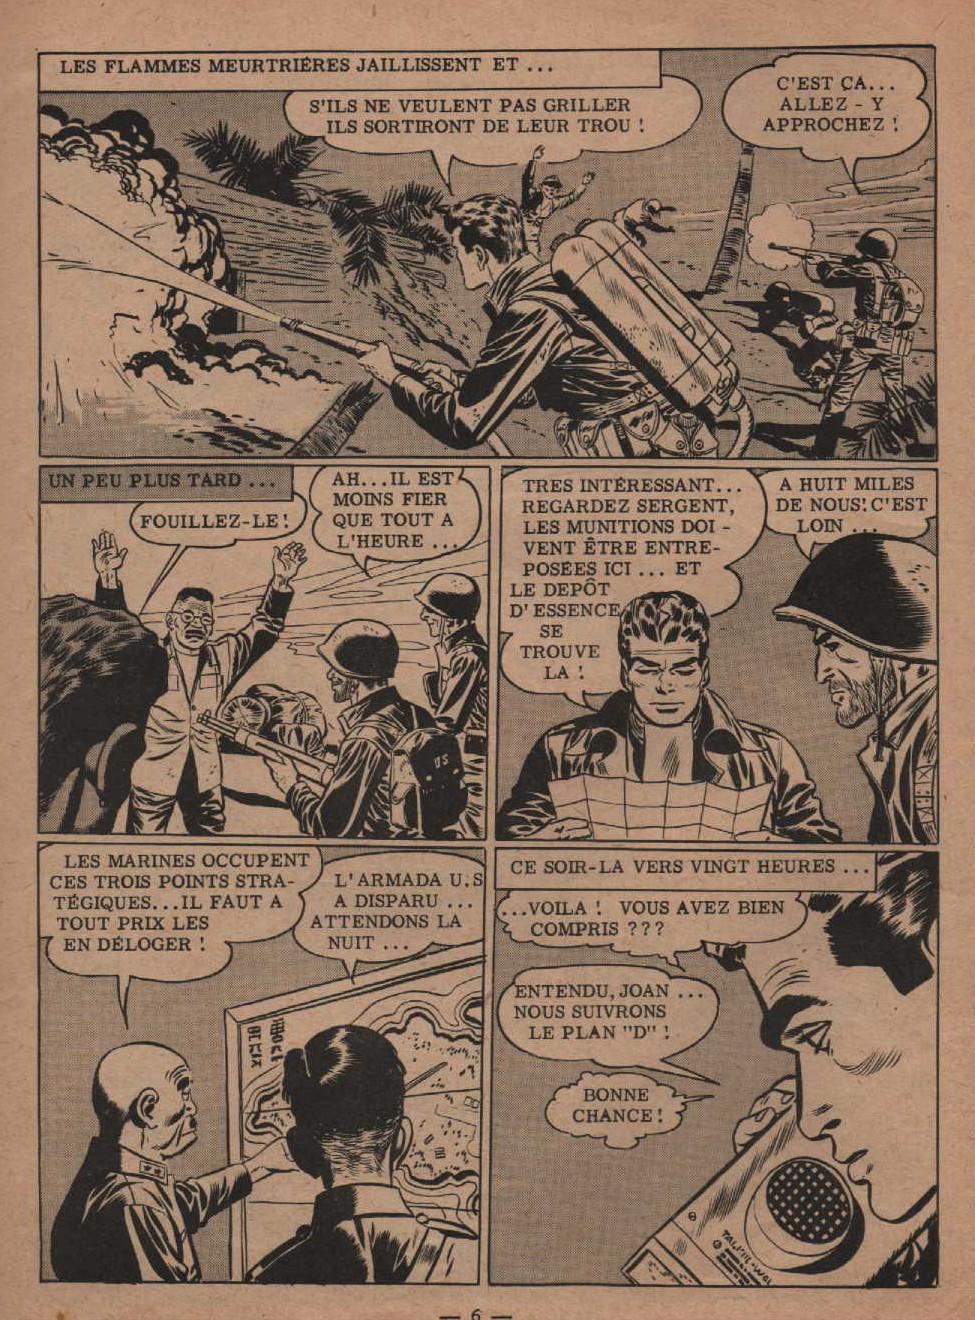 « La Patrouille sacrifiée » Garry n° 131 (04/1959).